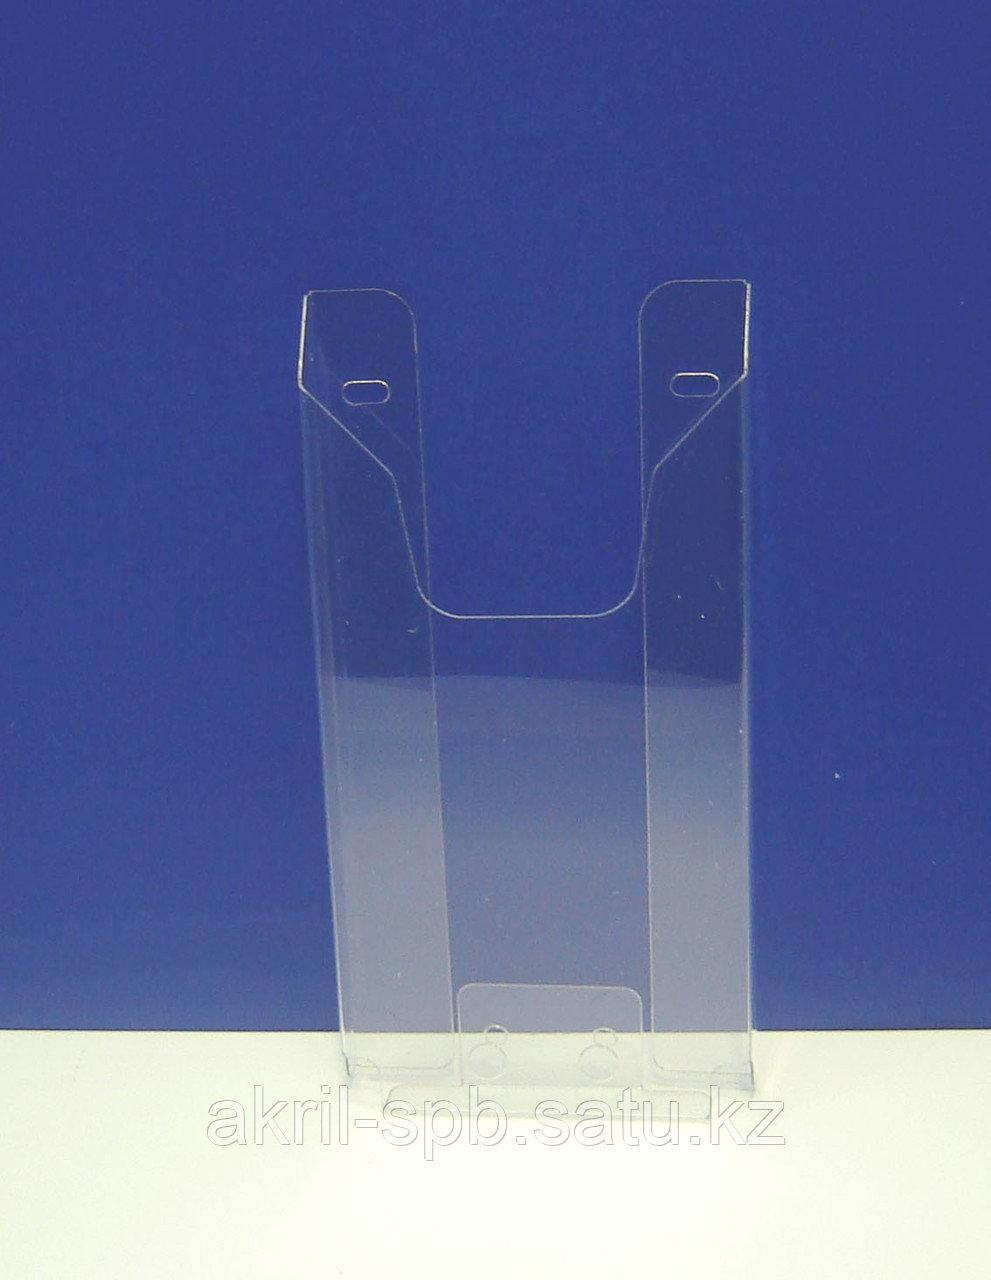 Карман буклетница настенная для буклета 100х210 15 мм 0,7П ЭТ